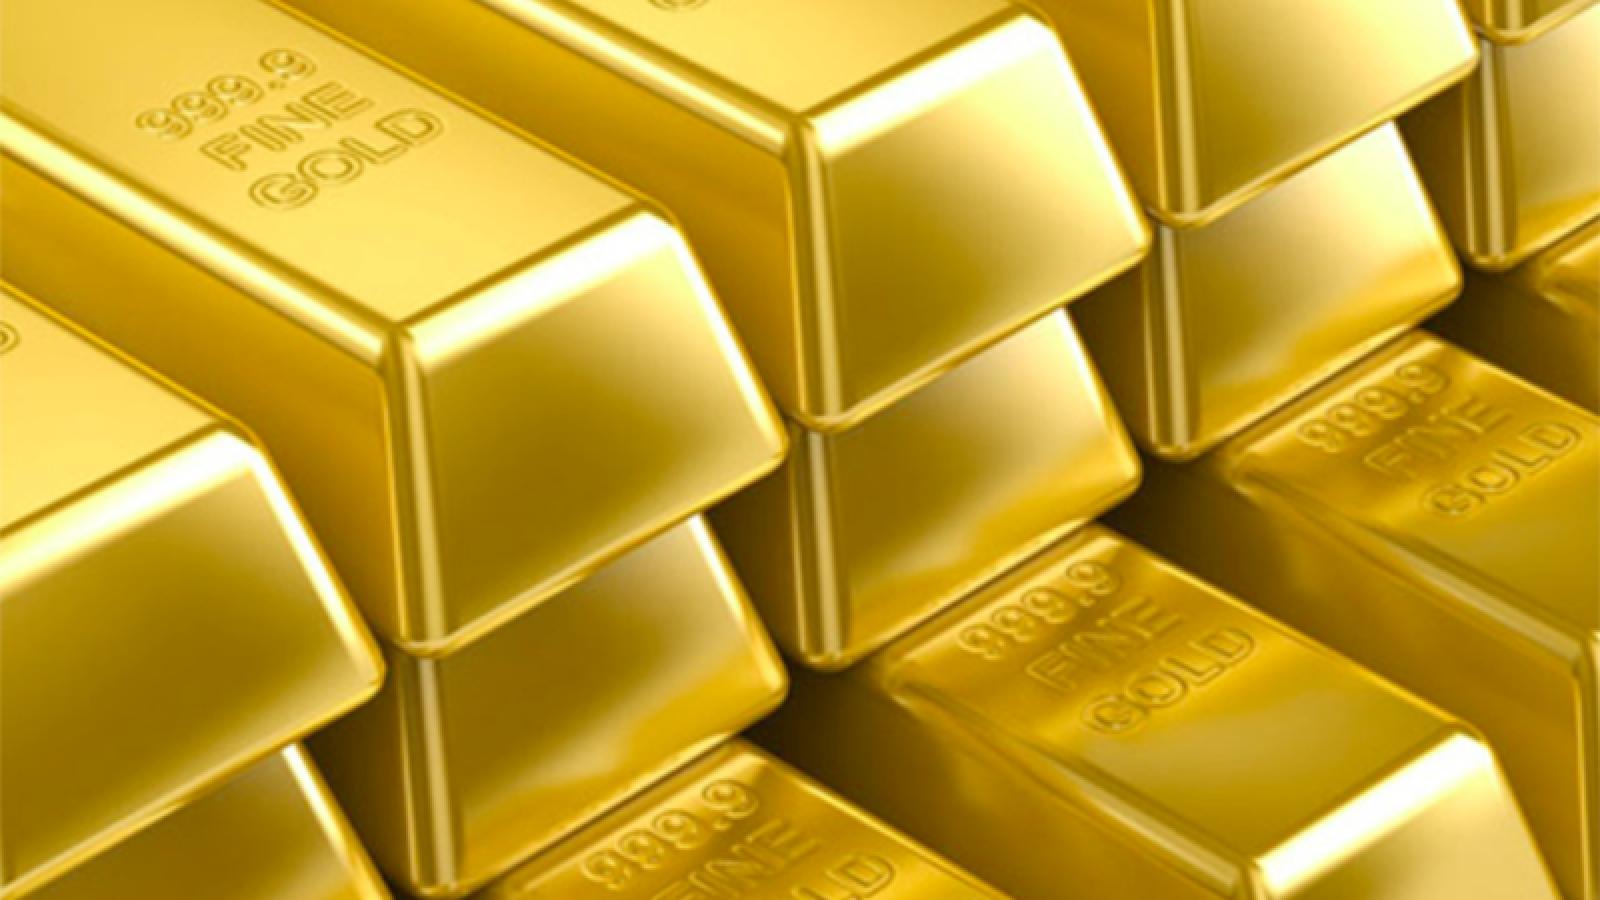 Giá vàng trong nước 'lội ngược dòng' với giá vàng thế giới